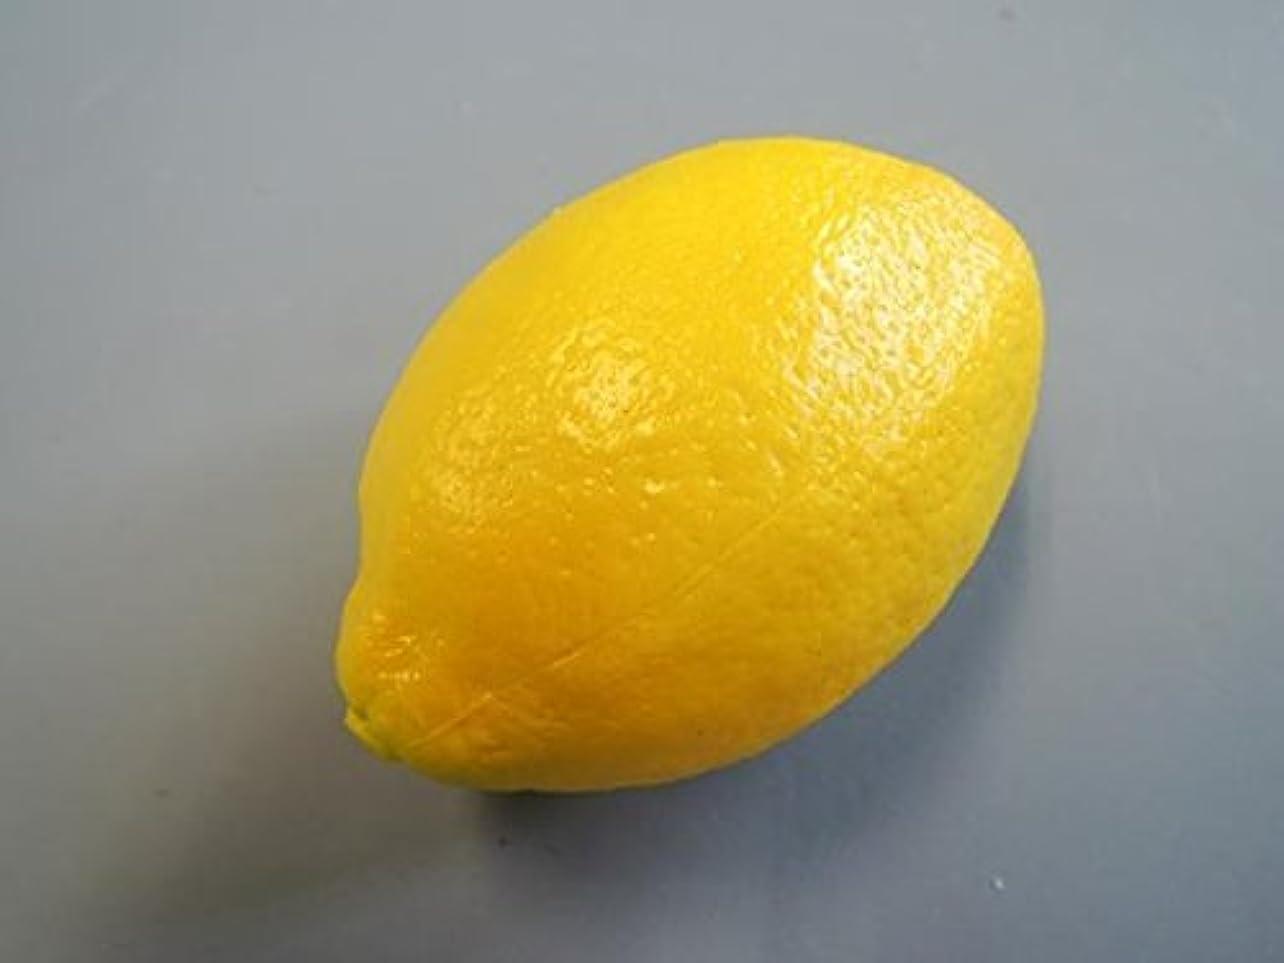 団結する抑圧者おとうさん日本職人が作る 食品サンプル レモン IP-352